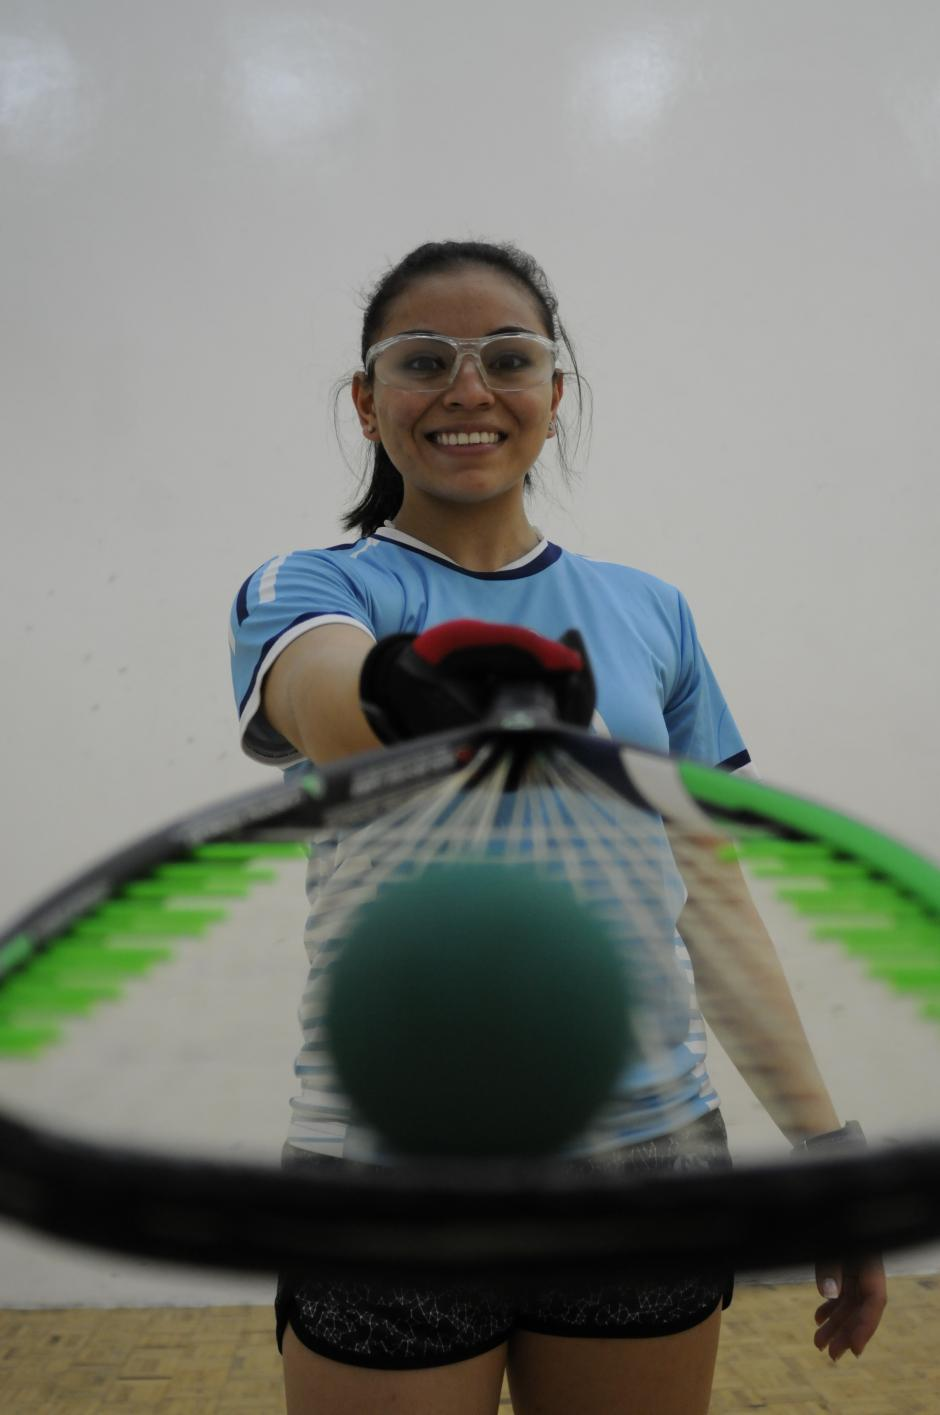 Anal Gabriela Martínez, con 15 años, ha ganado seis títulos mundiales juveniles de raquetbol.(Foto: Pedro Pablo Mijangos/Soy502)